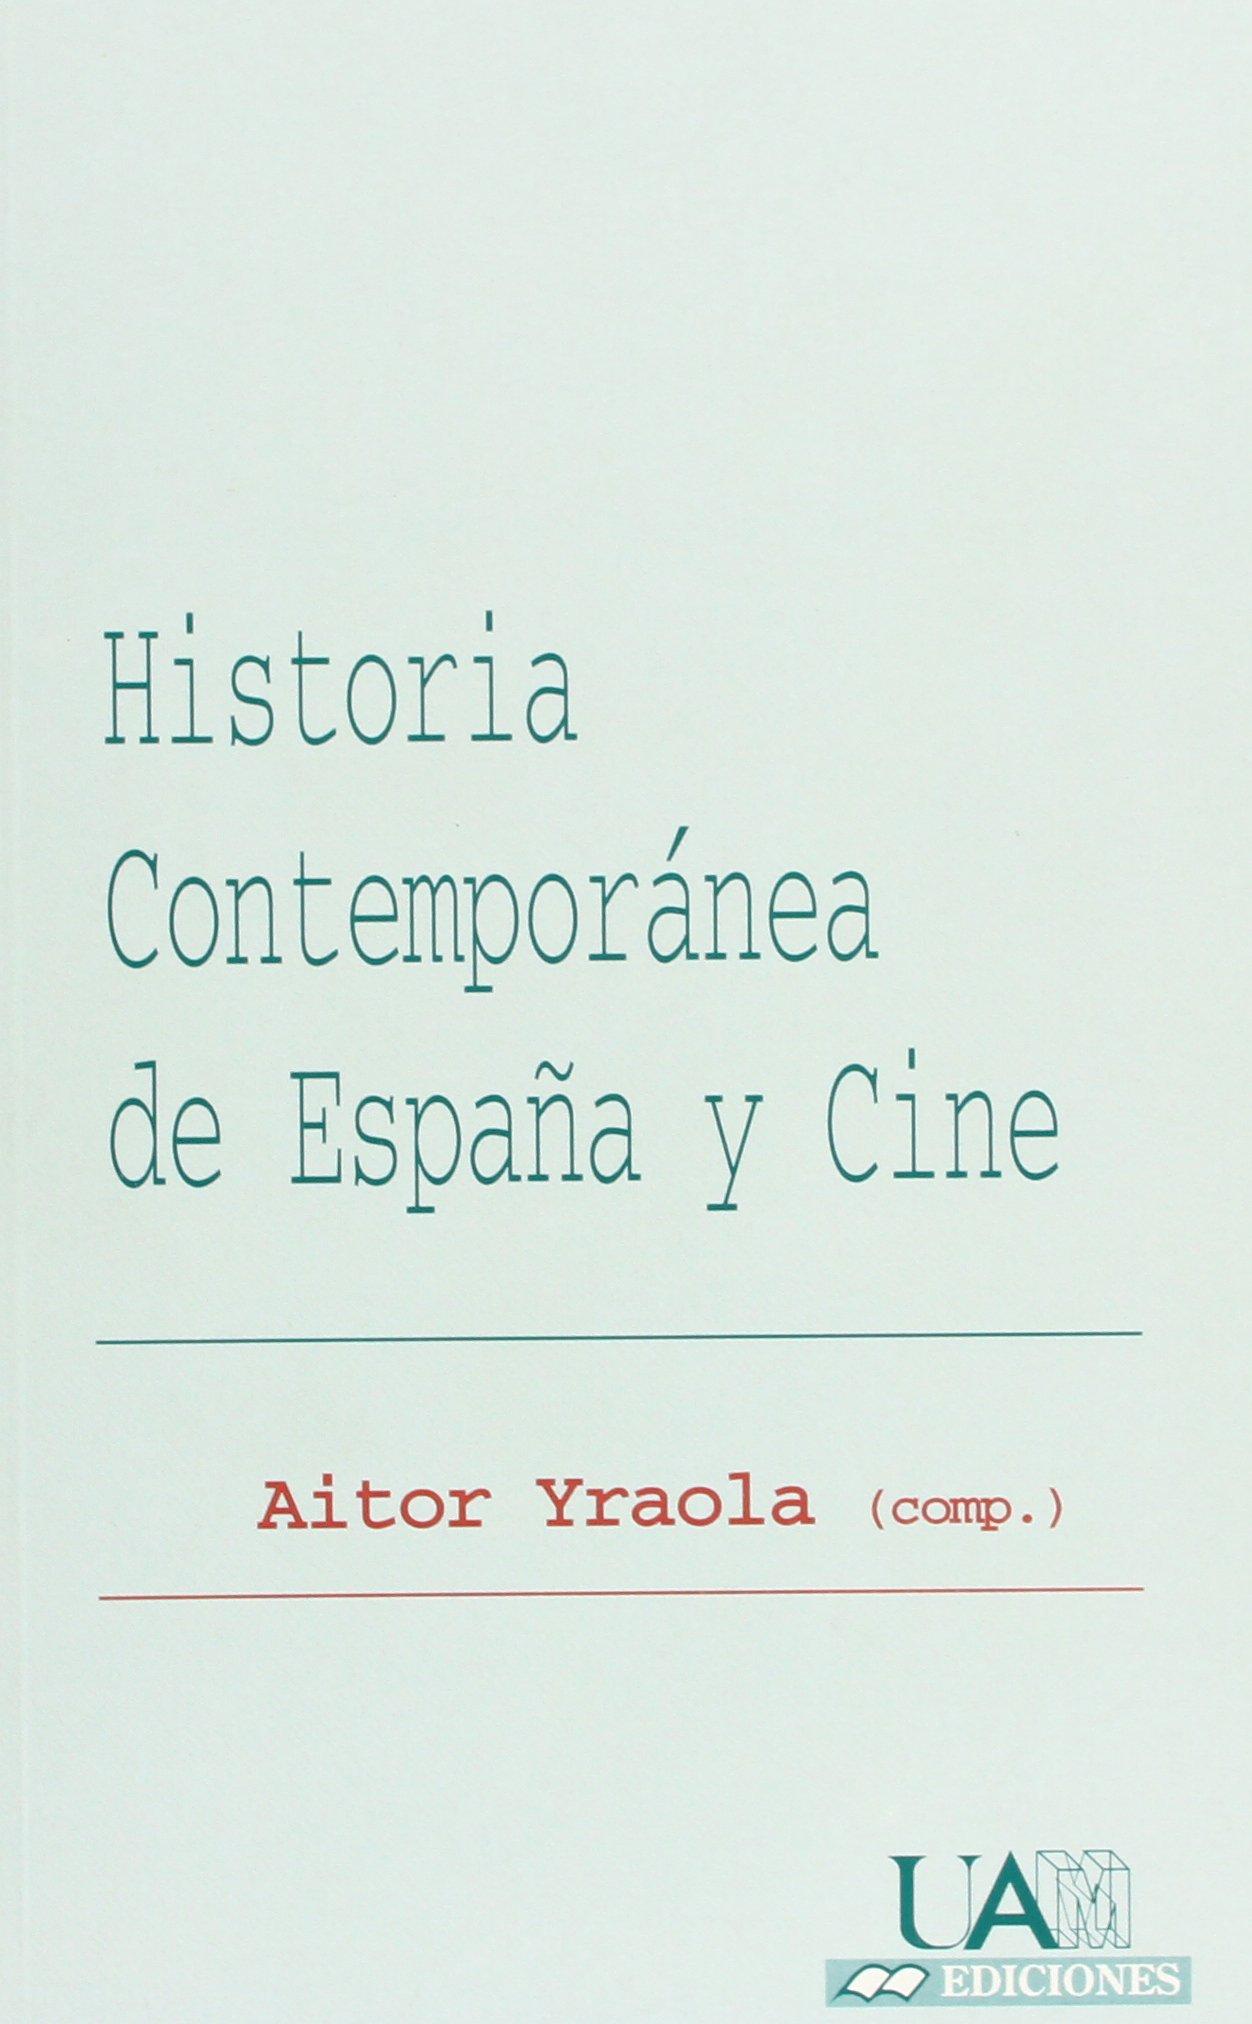 Historia contemporánea de España y cine: 26 Colección de Bolsillo: Amazon.es: Iraola, Aitor: Libros